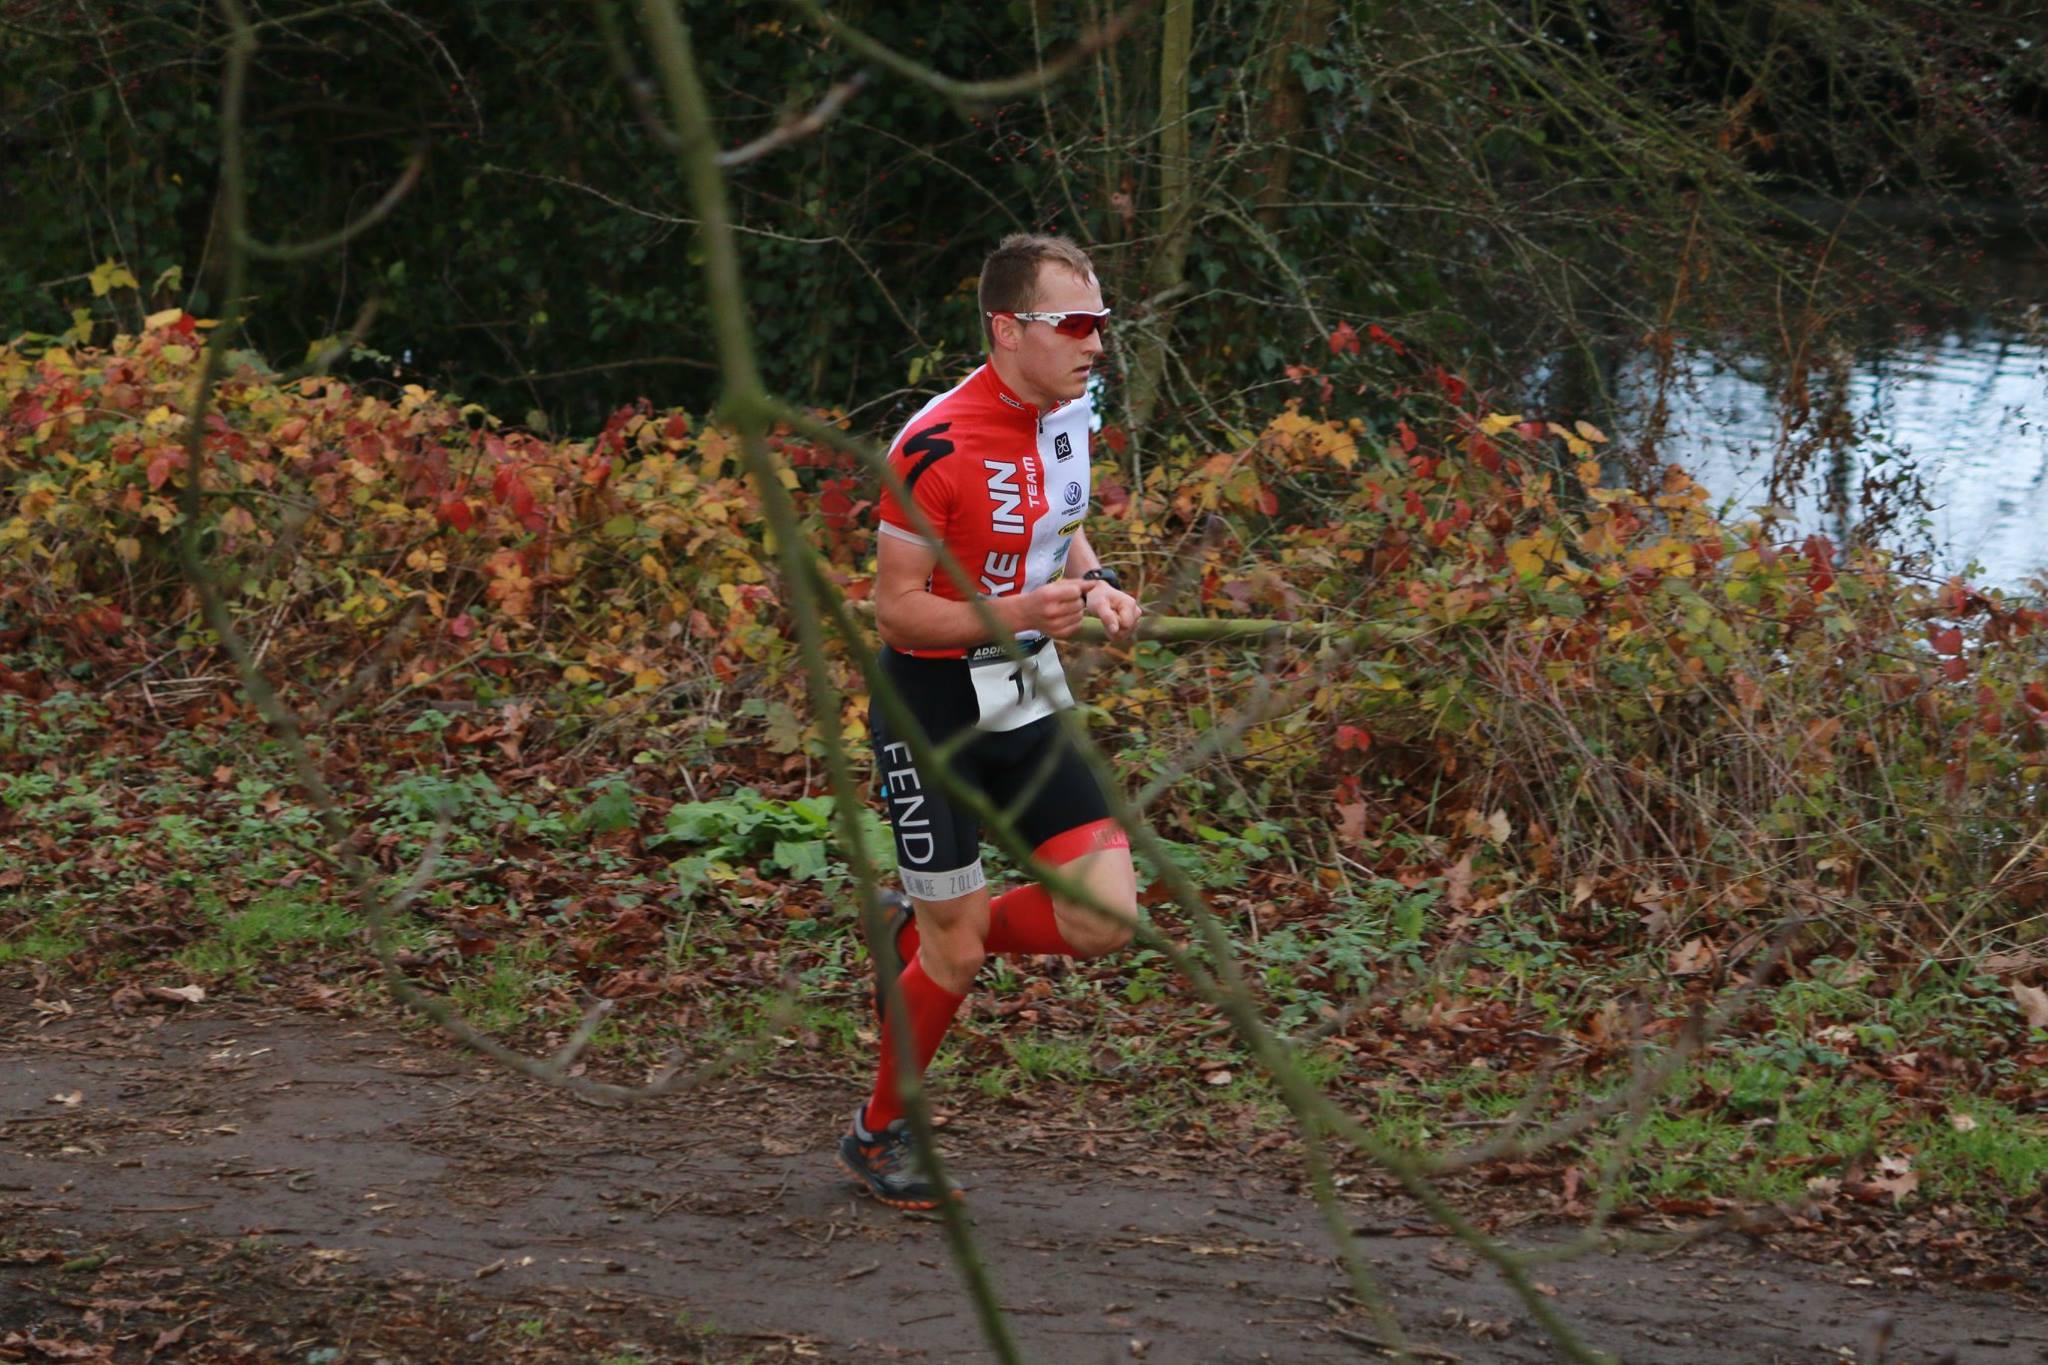 Mathias Cloostermans wint in Wommelgem (foto: Chris Hofkens)